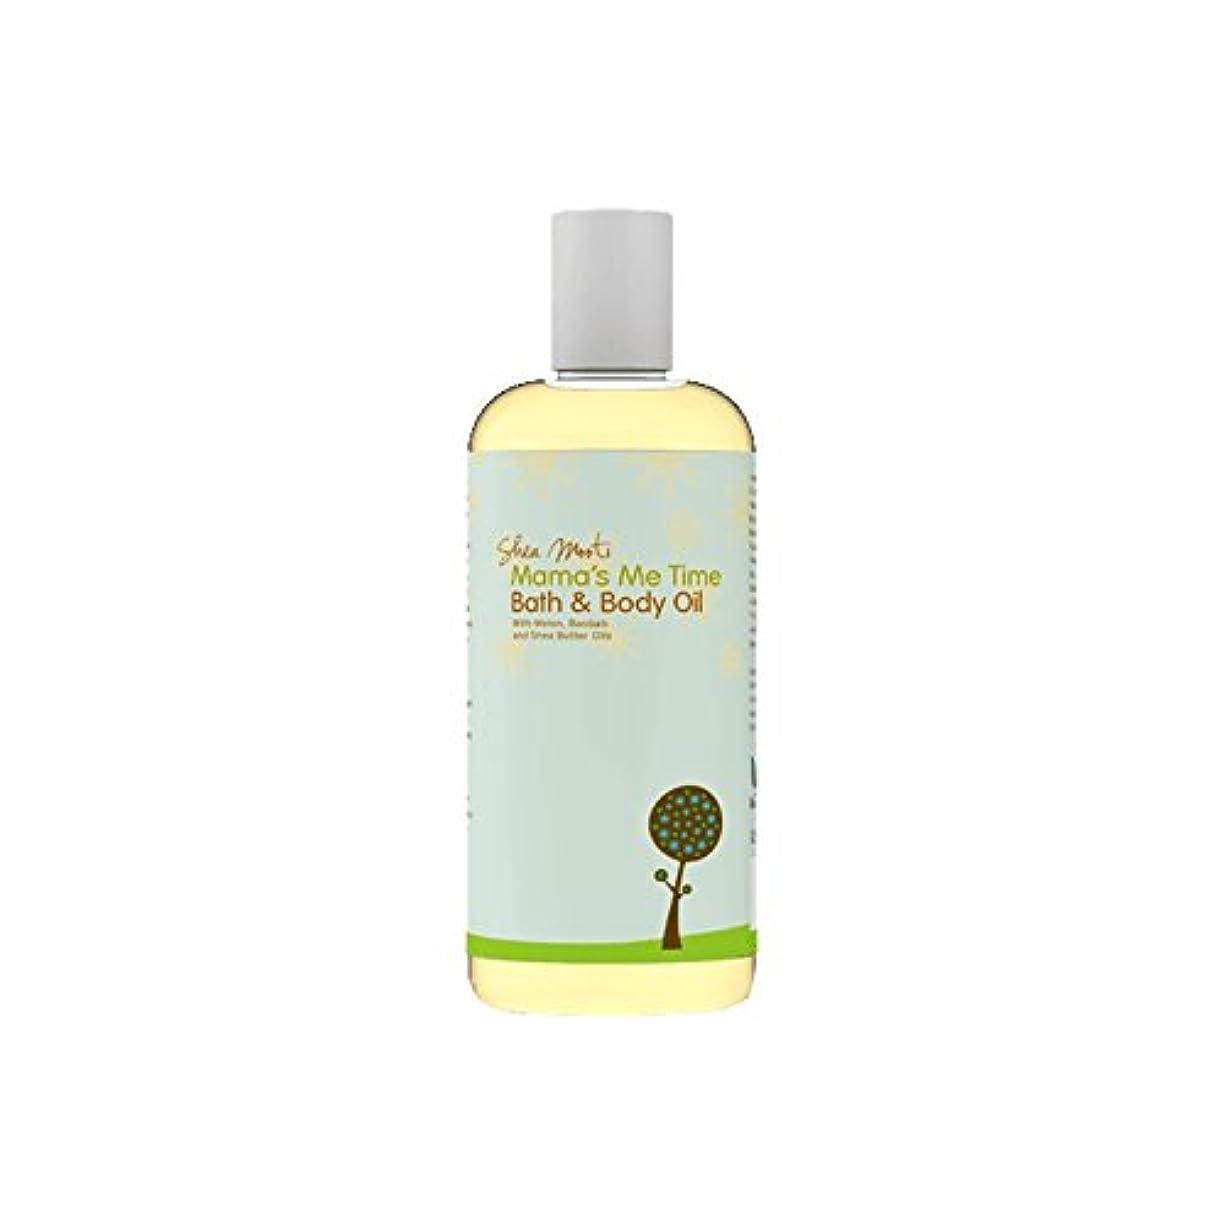 氷獣モードShea Mooti Mama's Me Time Bath and Body Oil 110g (Pack of 2) - シアバターMootiママの私の時間のバス、ボディオイル110グラム (x2) [並行輸入品]